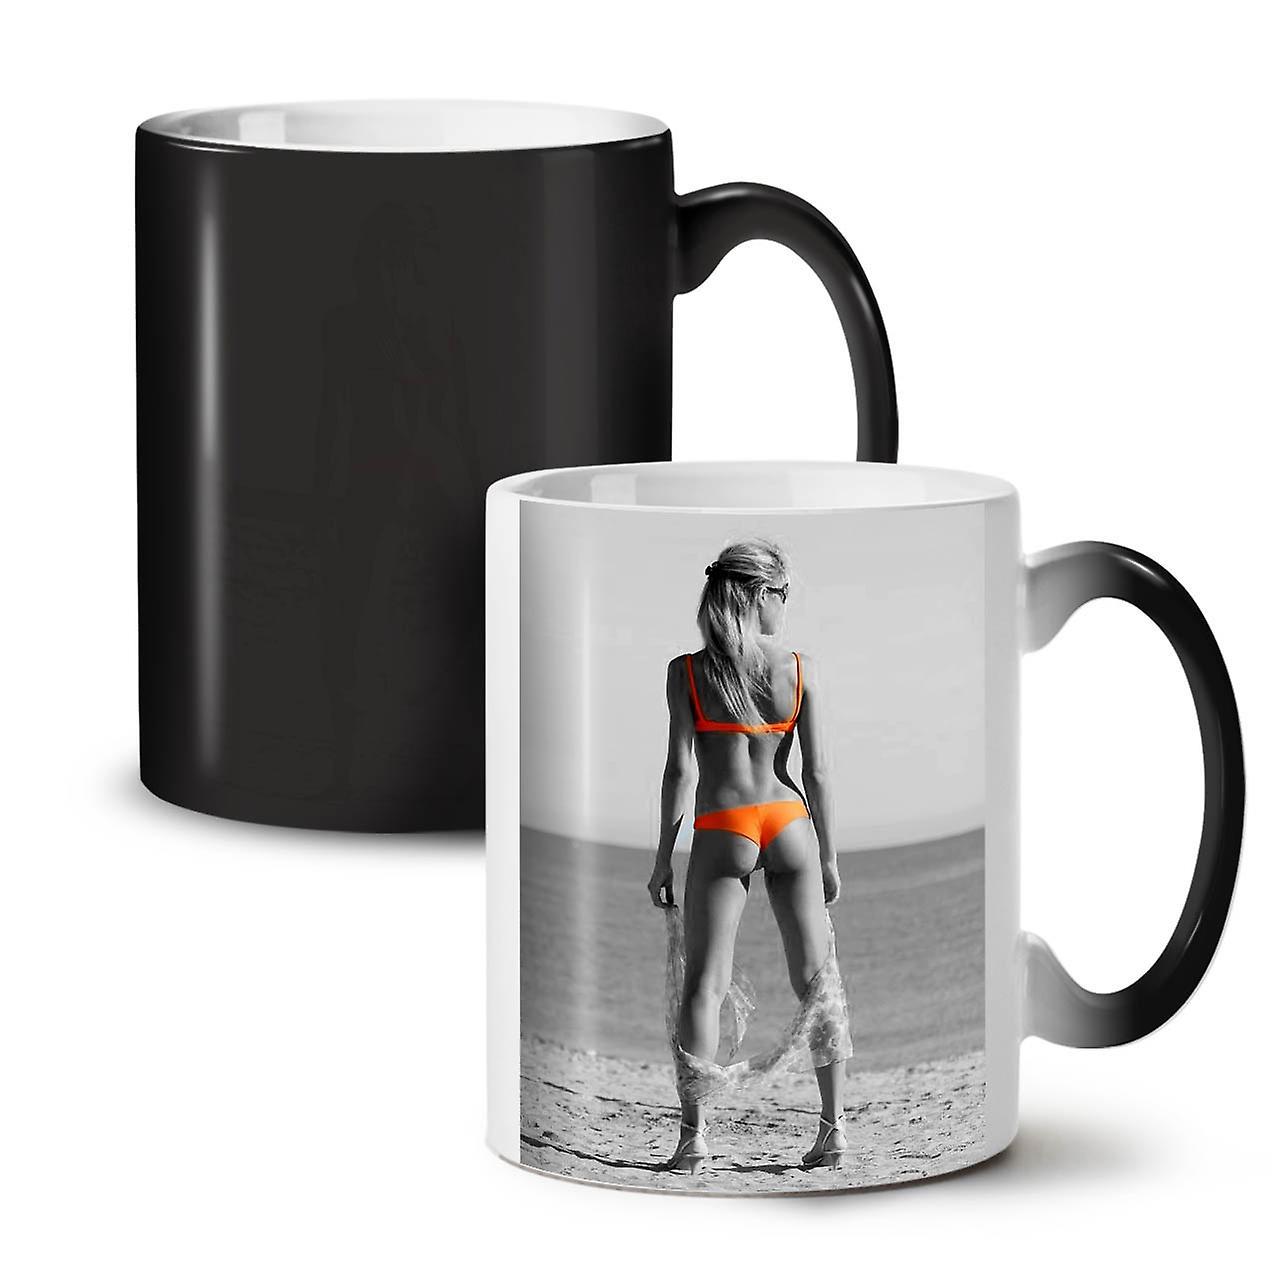 Nouveau Noir Sexy Couleur Bikini Tasse Fille Plage Changeant 11 Céramique Café Thé De OzWellcoda vIybY6g7fm